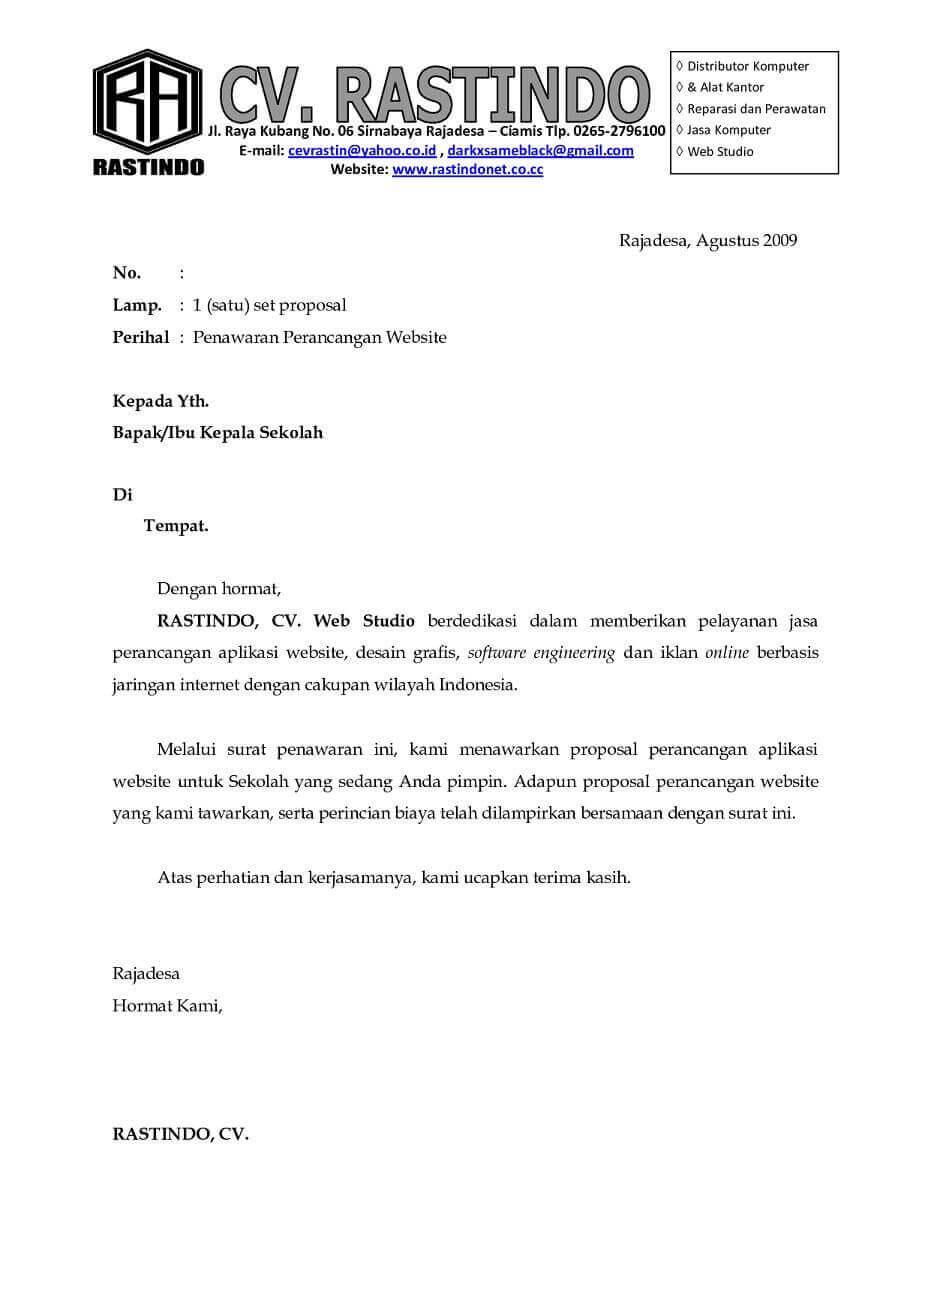 Contoh Surat Kerjasama Dengan Perusahaan